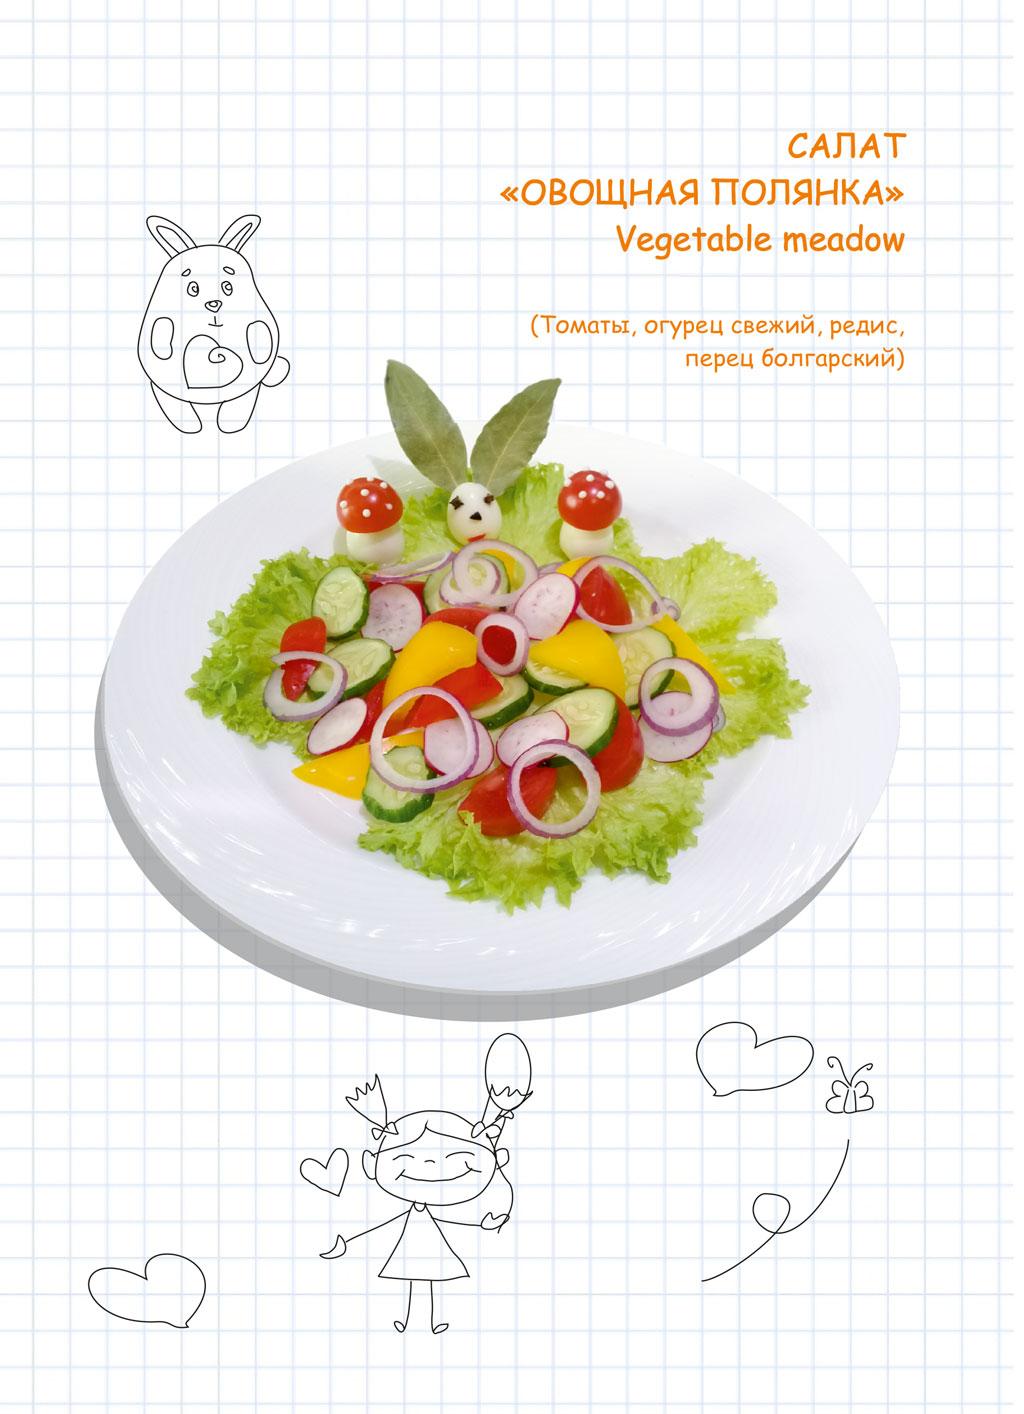 Салат Овощная Полянка (vegetable meadow) в ресторане Аннам Брахма в Оренбурге